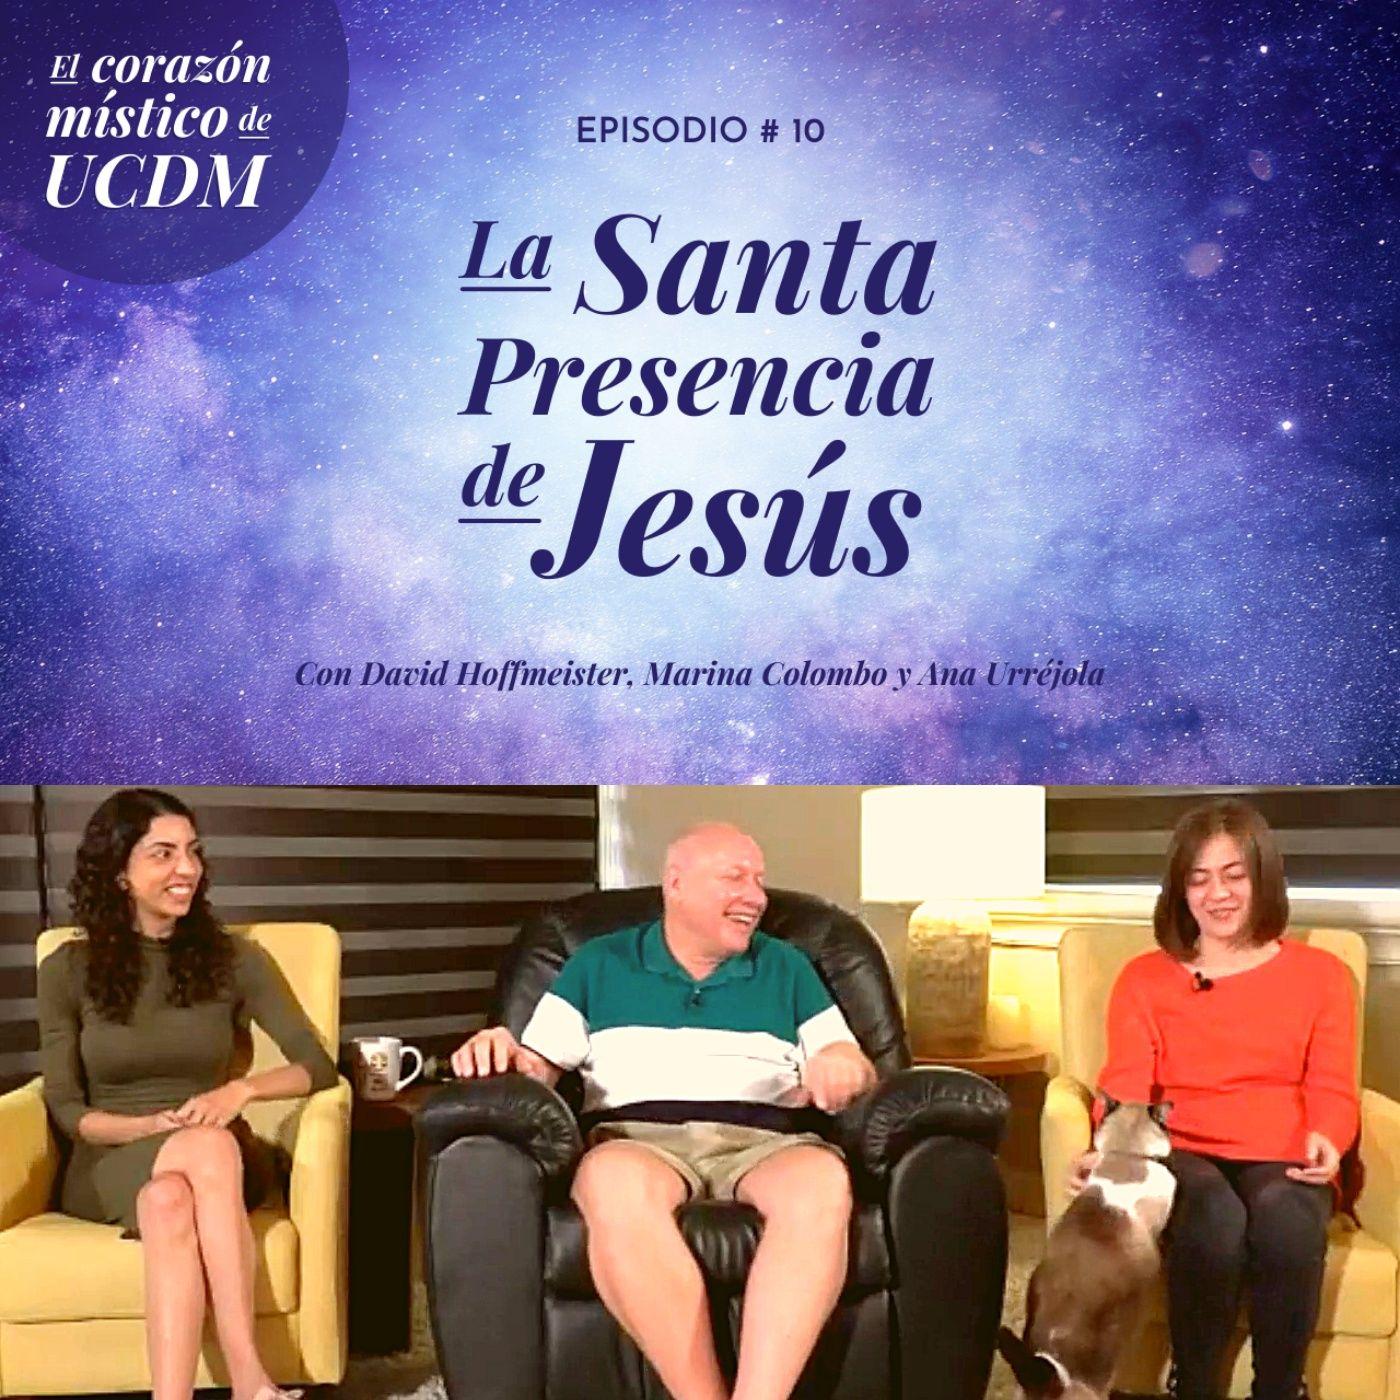 La Santa Presencia de Jesus ❤️ El corazón místico de UCDM con David Hoffmeister, Ana Urrejola y Marina Colombo - Episodio #10